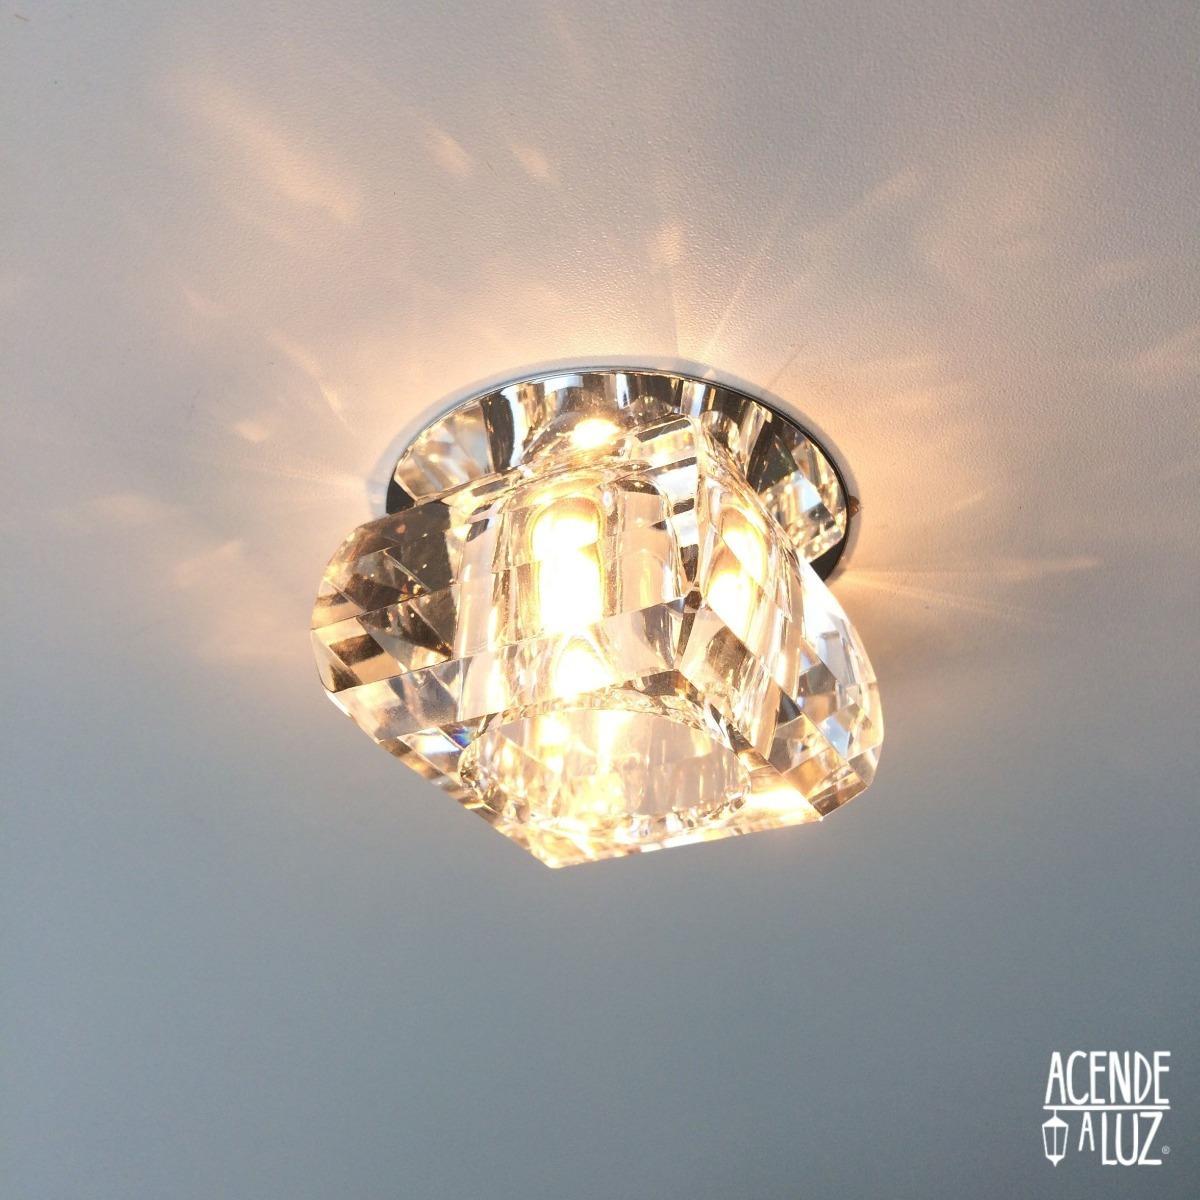 4 Luminaria Spot Cristal K9 Embutir G9 Banheiro Quarto Ac661 R